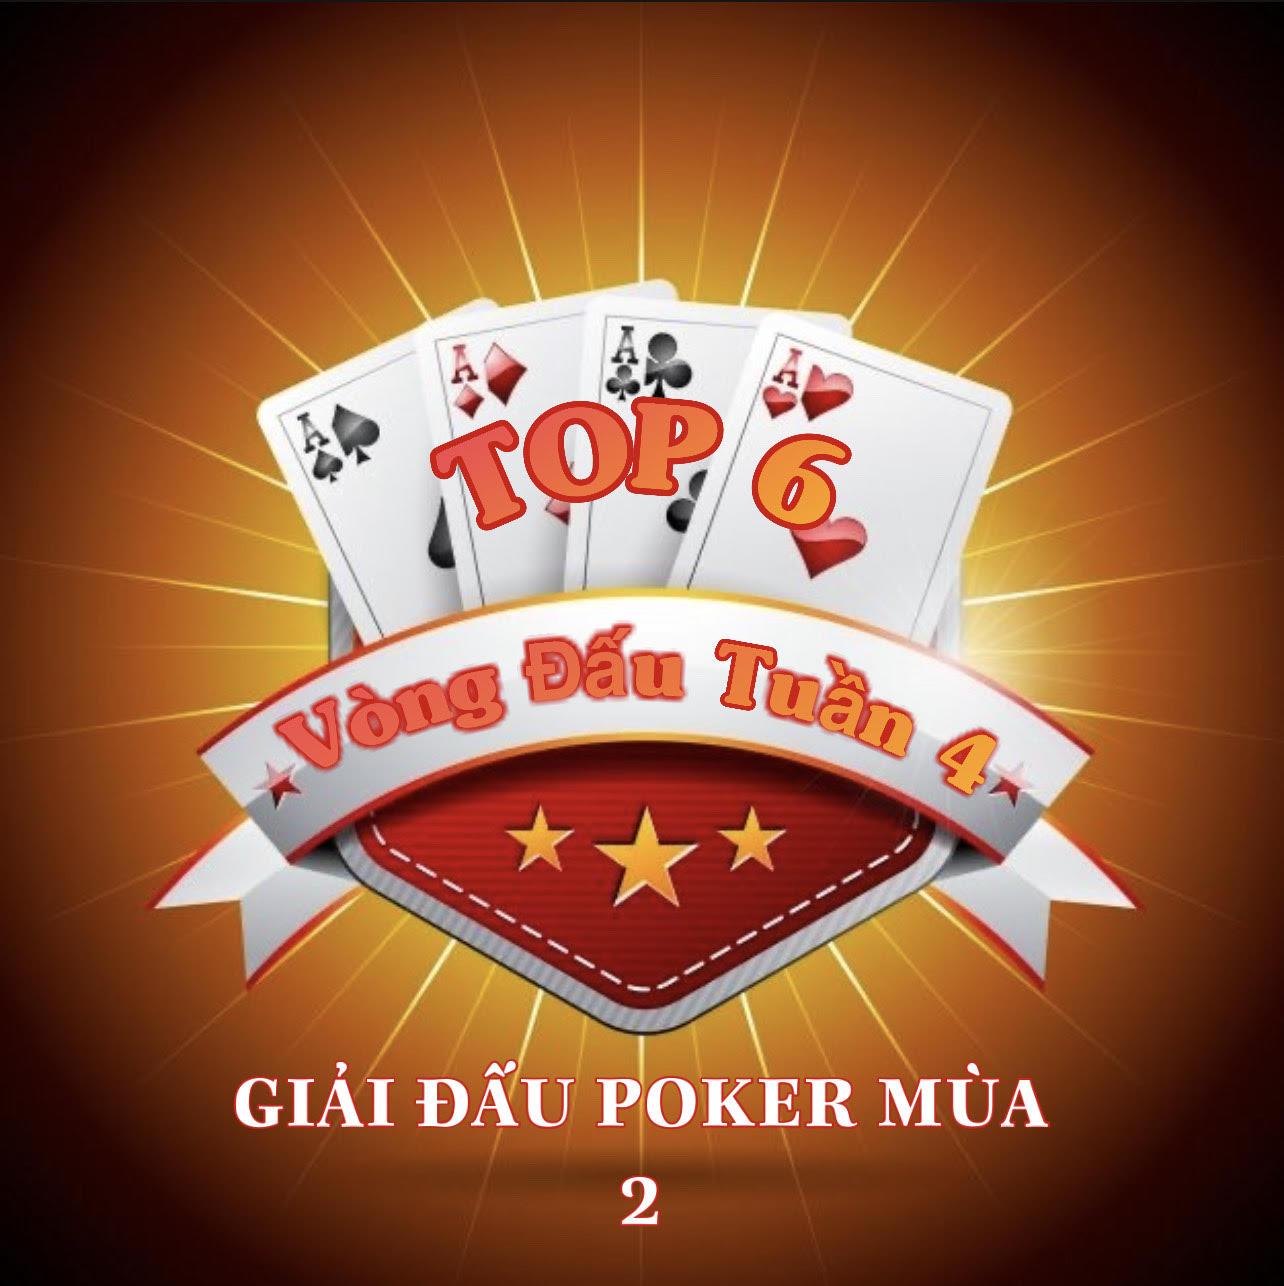 Top 06 Cao Thủ Sẽ Tham Dự Vòng Đấu Tuần 4 Đã Xuất Hiện [ Giải Đấu Poker Mùa 2 ]